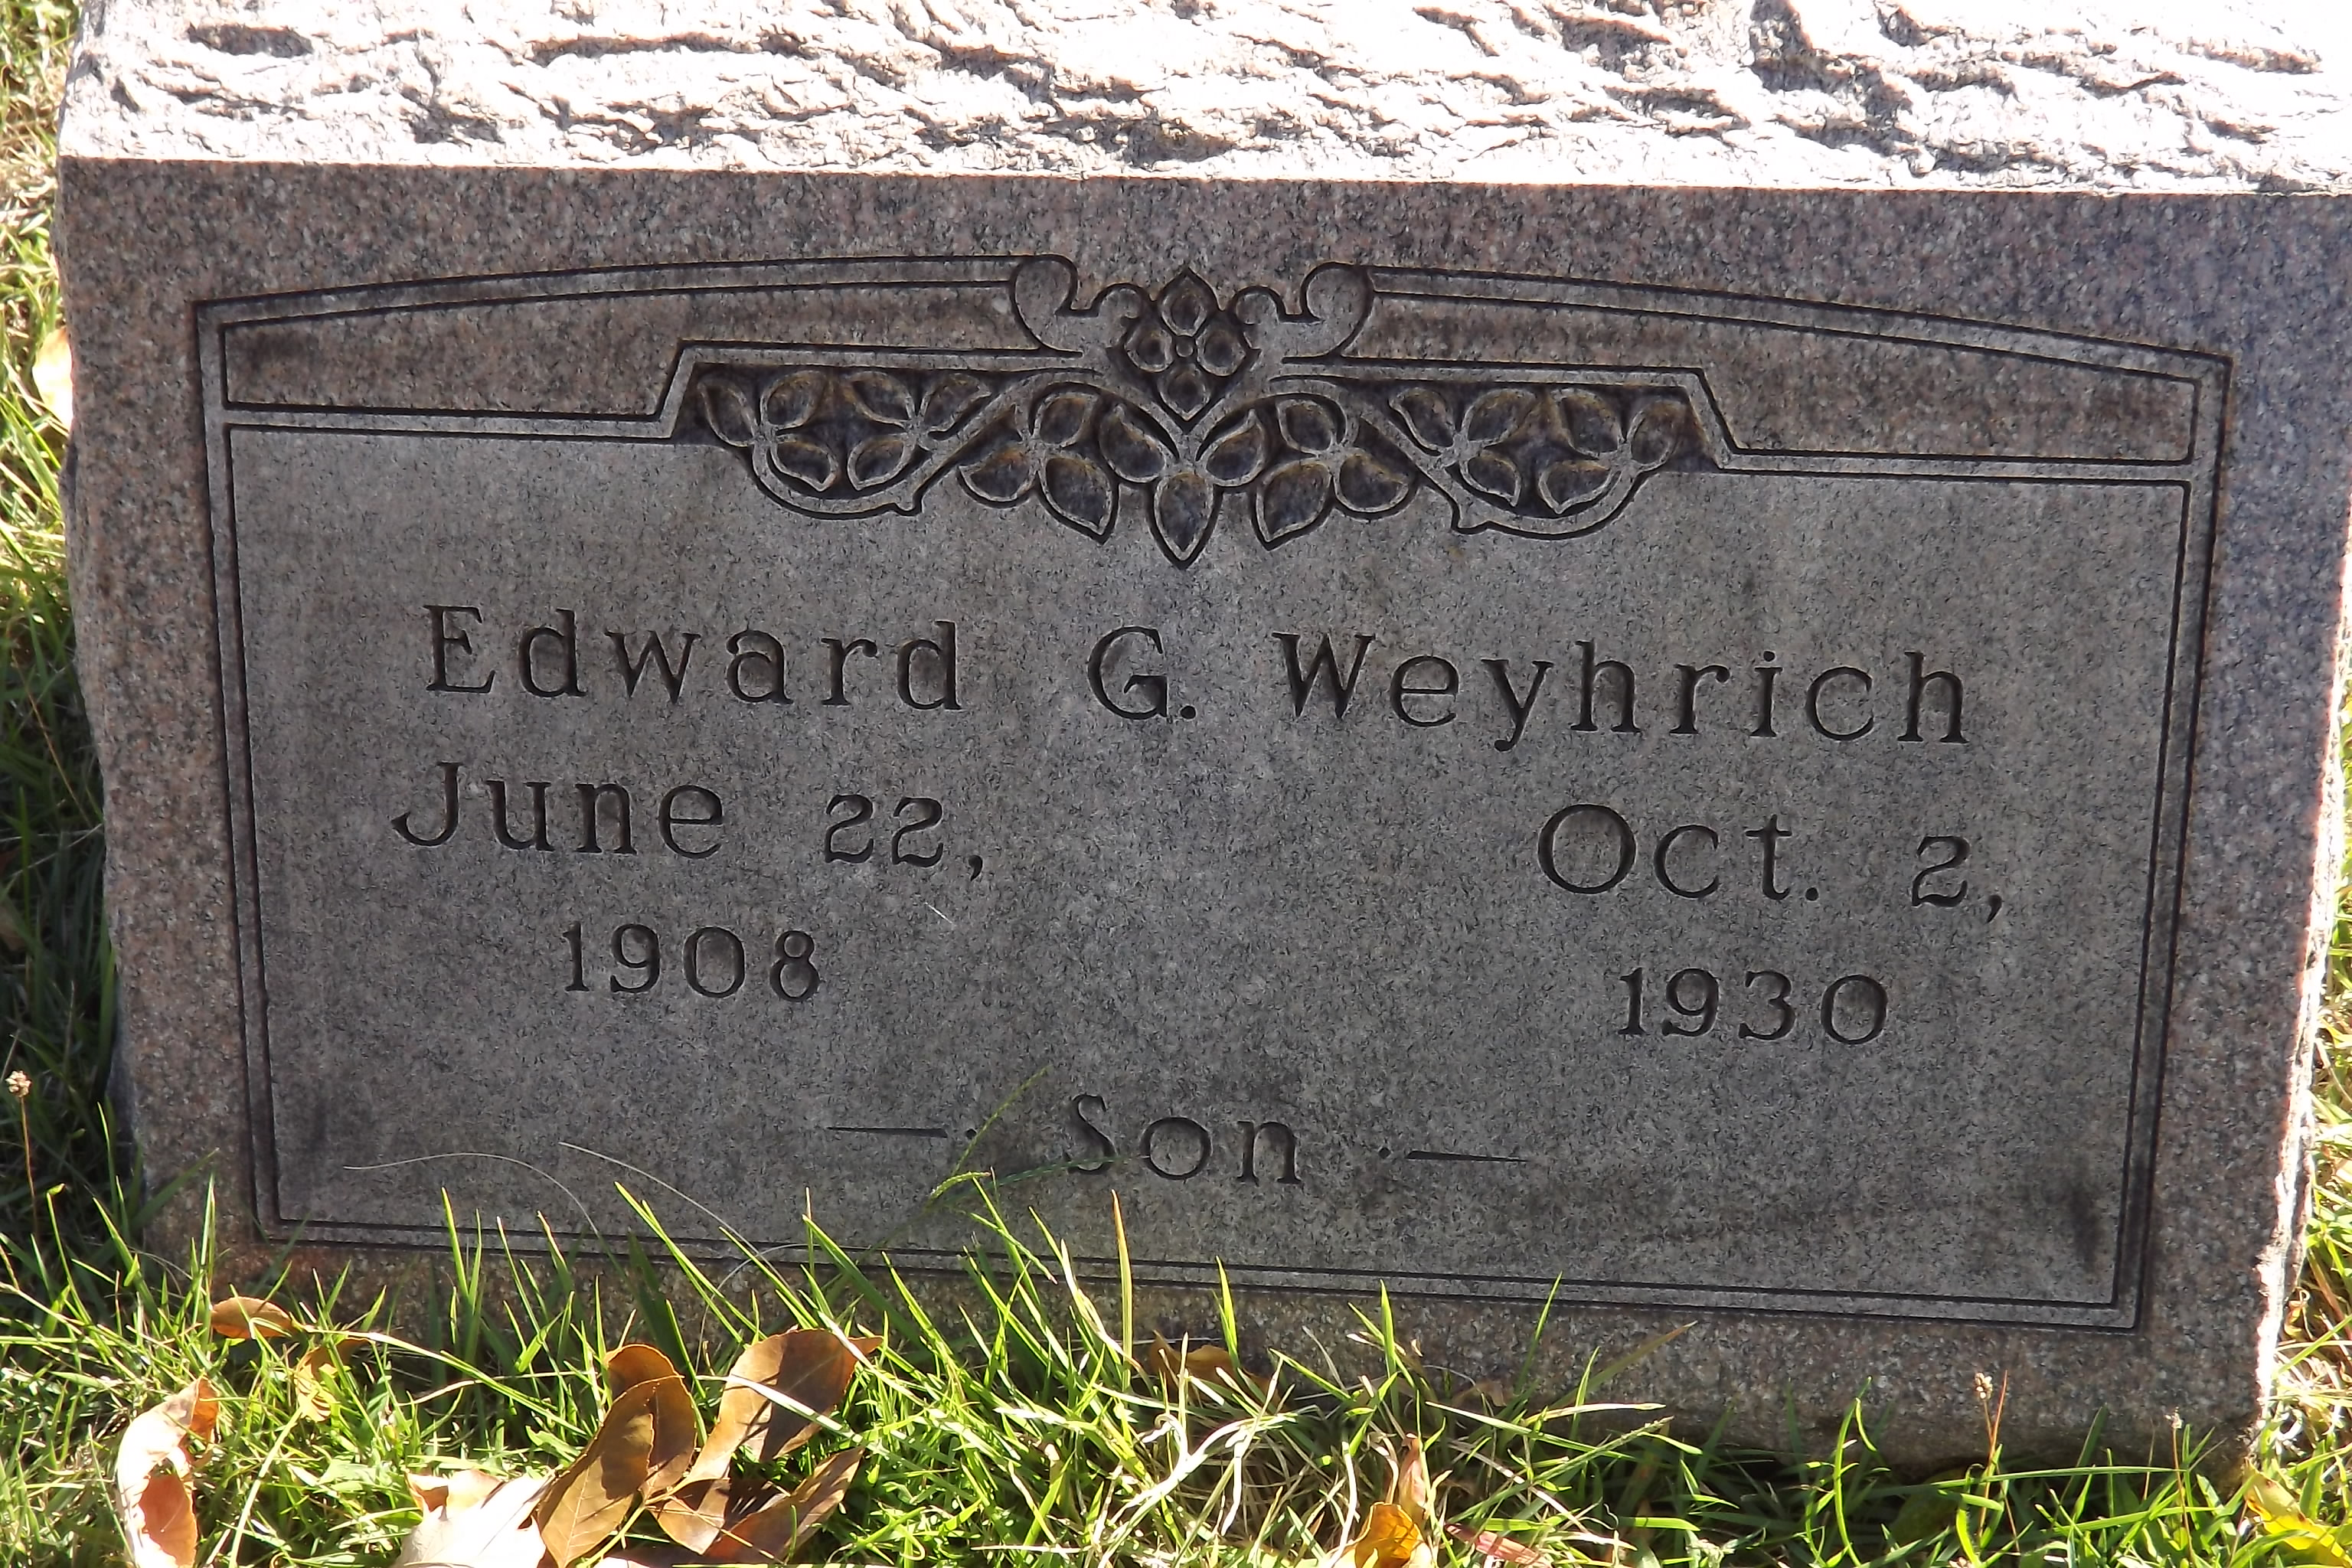 George Weyhrich